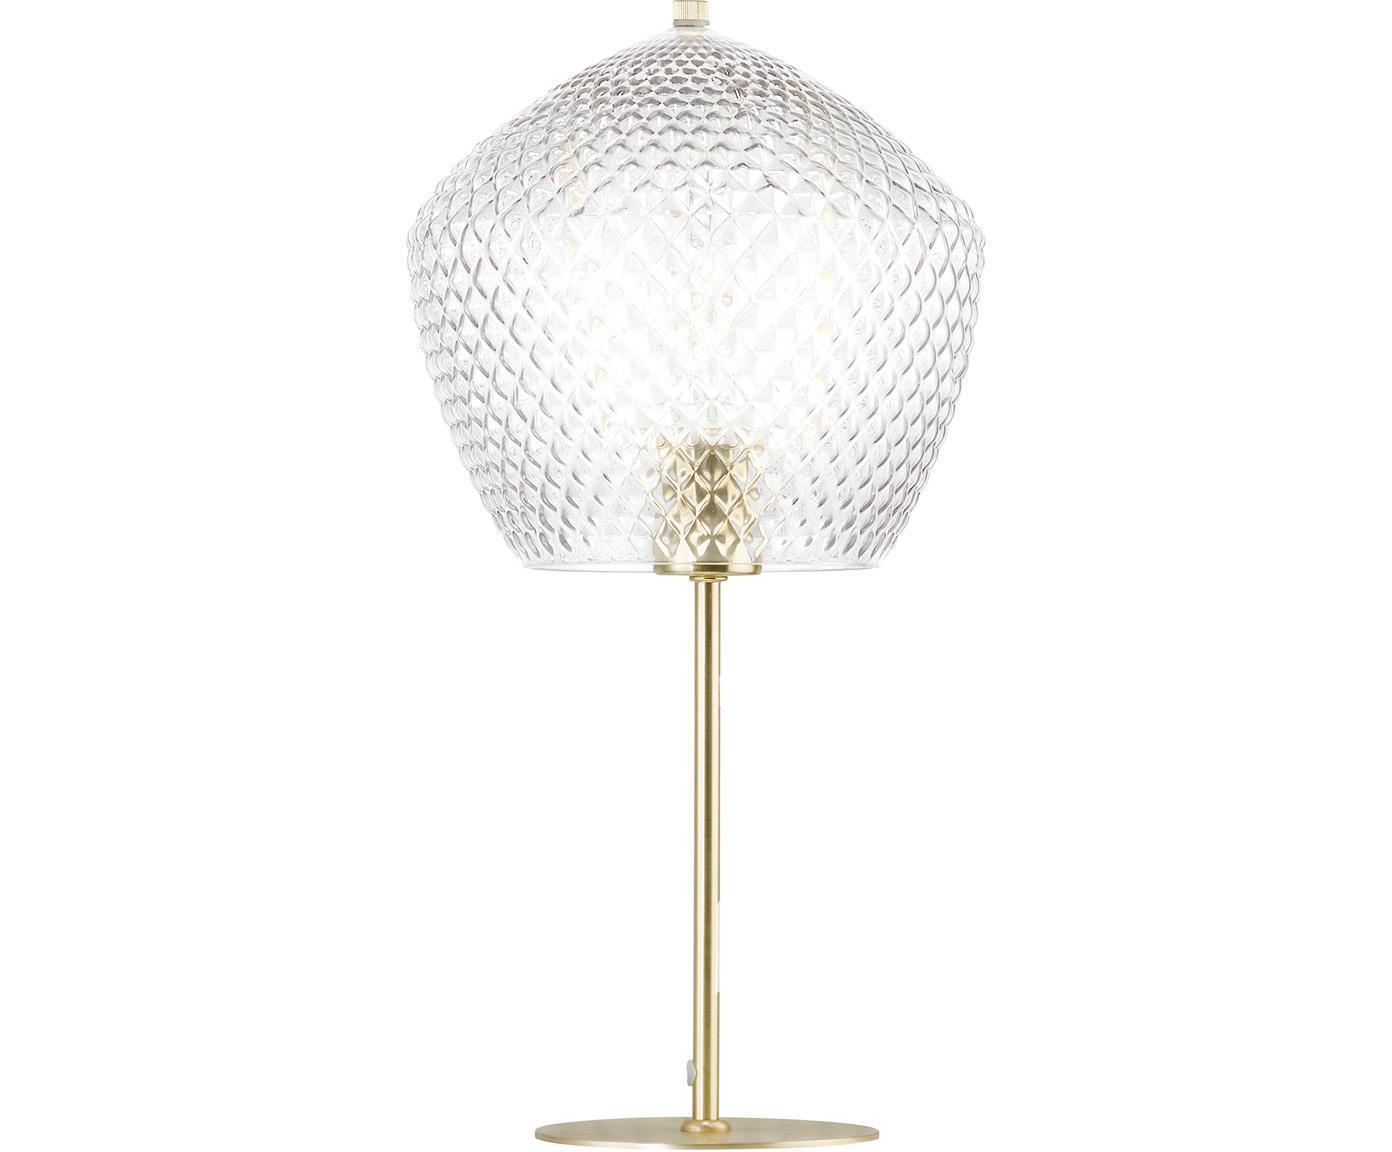 Tischlampe Beatrice mit Glasschirm, Lampenschirm: Glas, Gold, Transparent, Ø 23 x H 47 cm